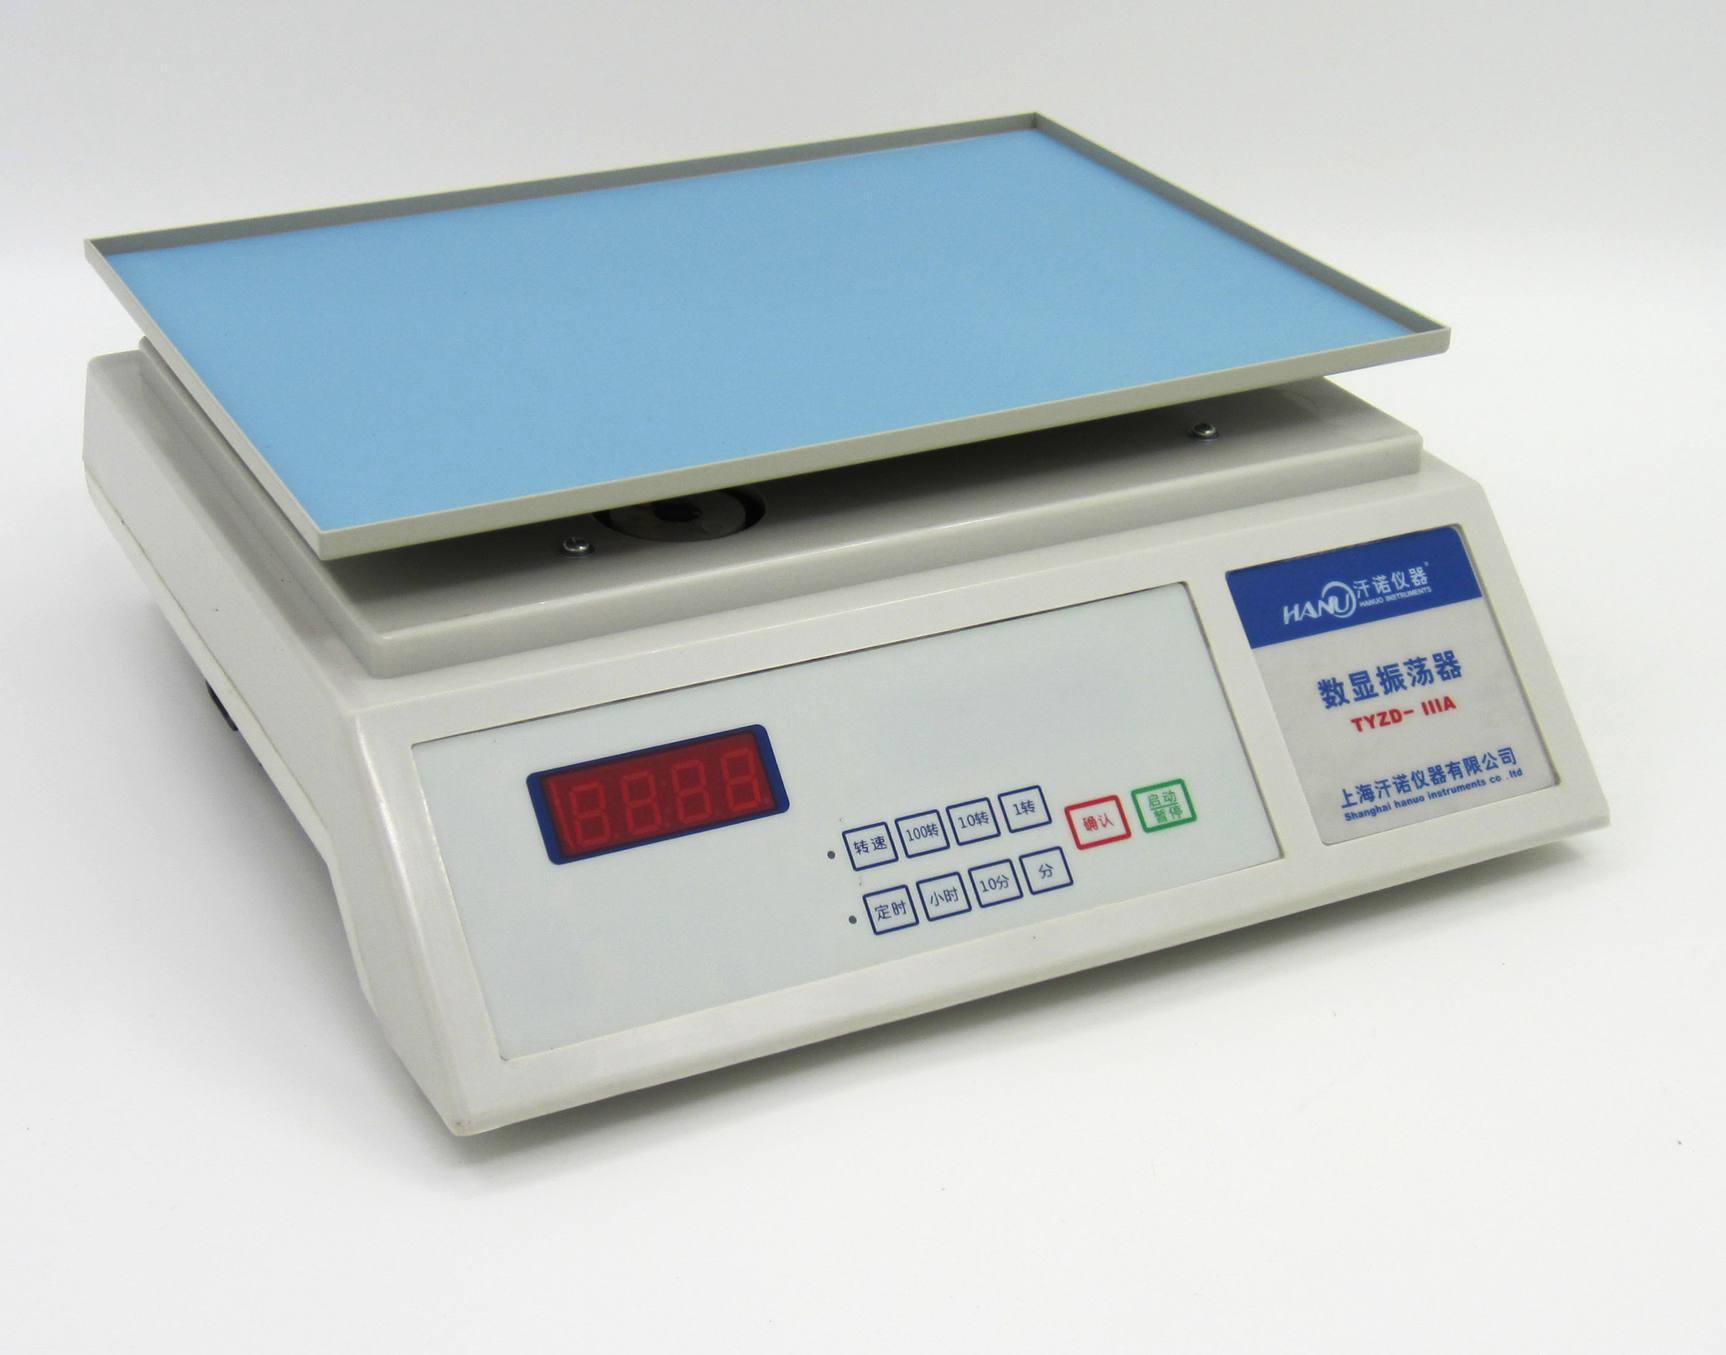 数显梅毒旋转仪(RPR振荡器)